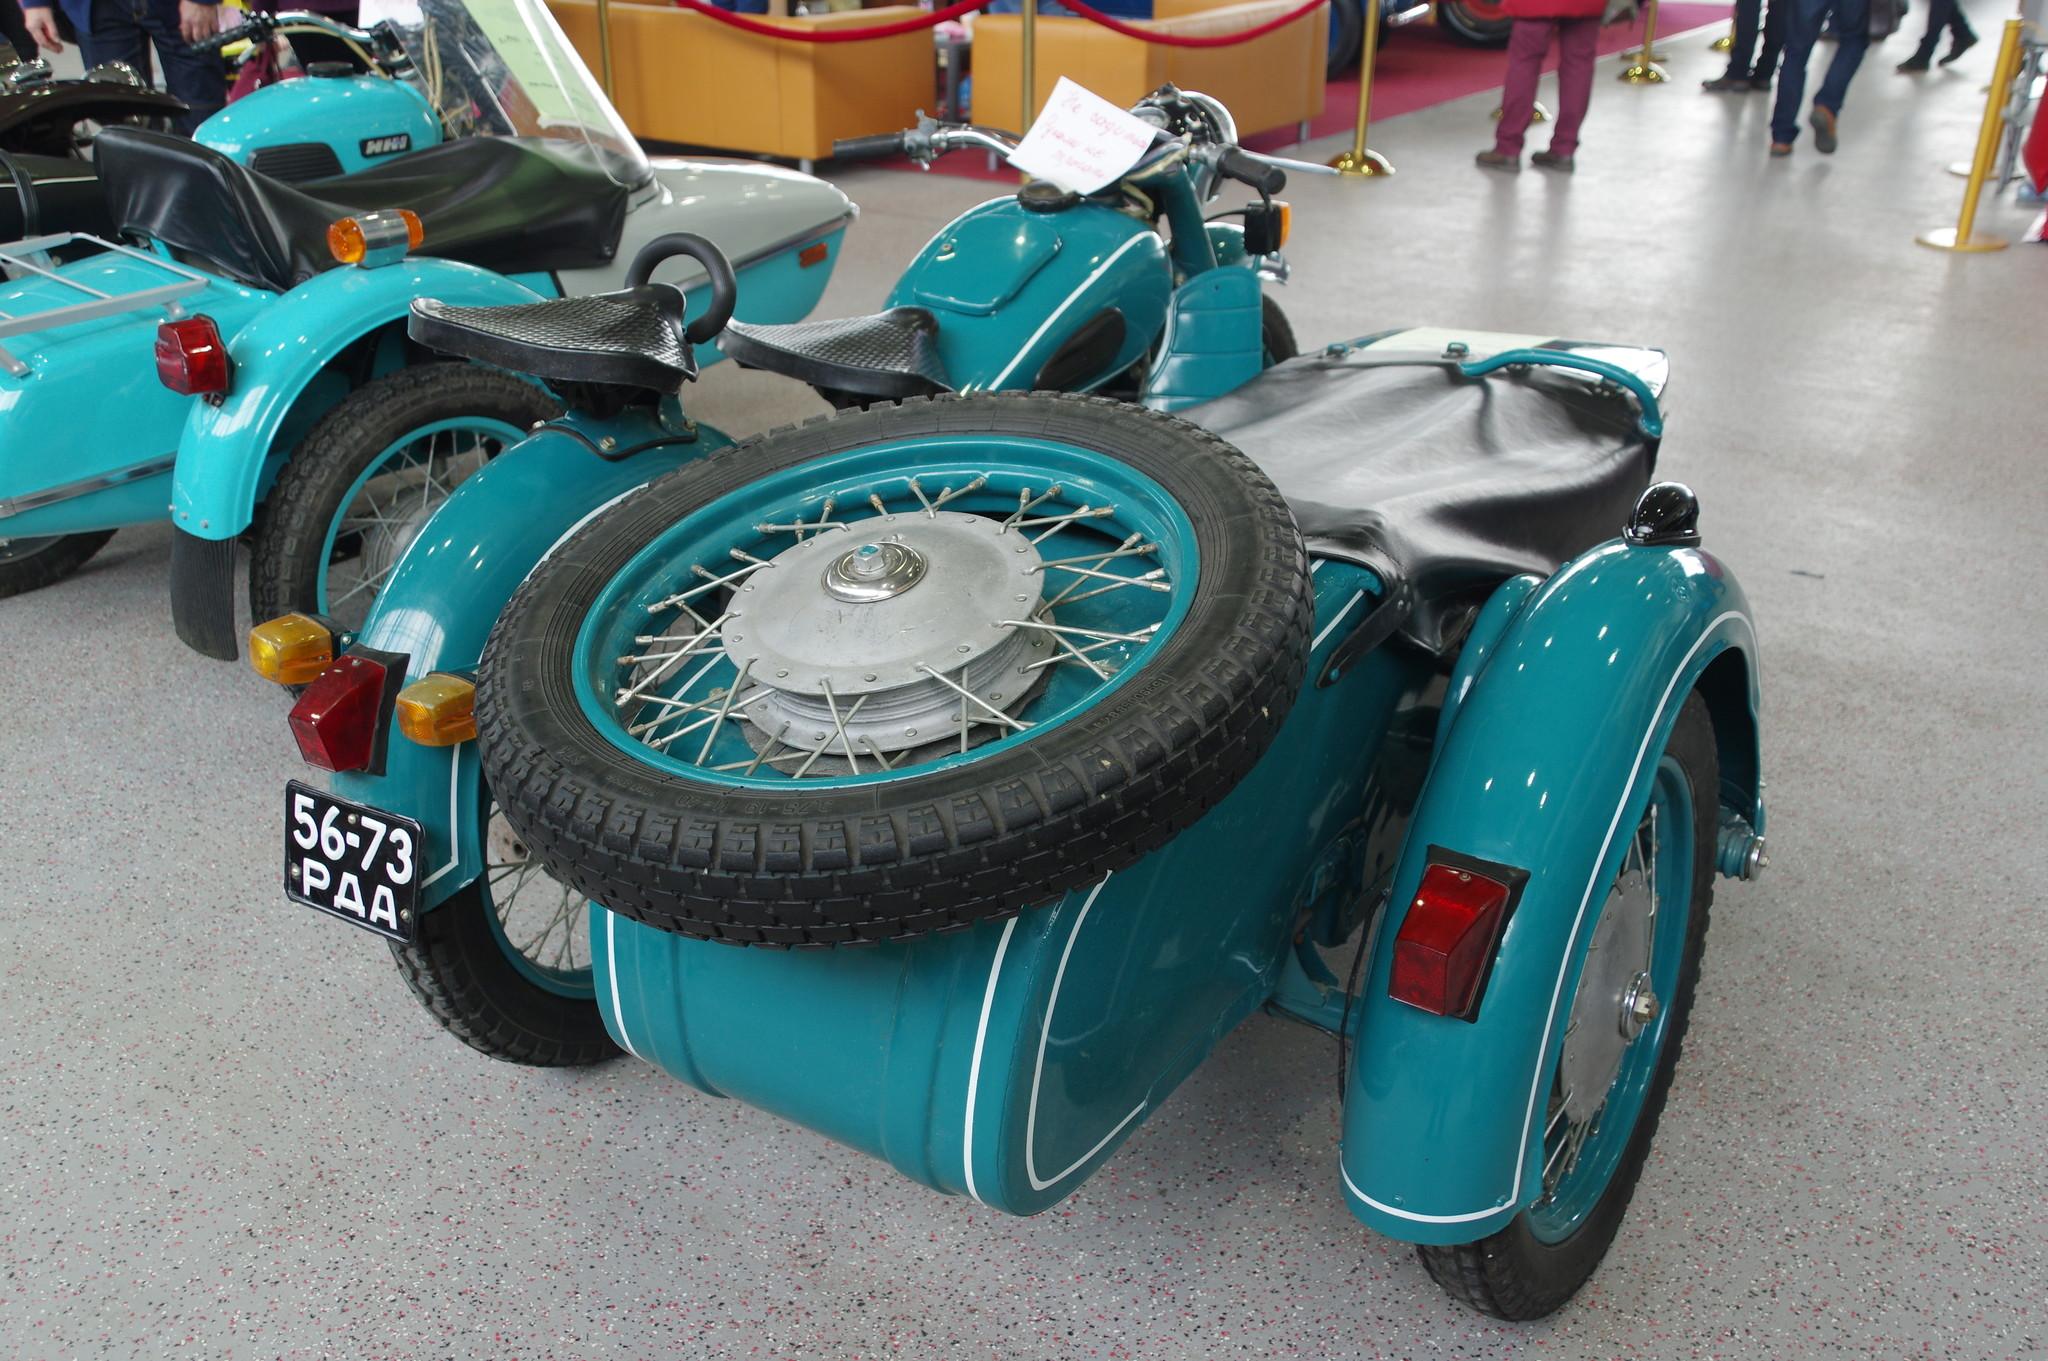 Тяжёлый мотоцикл МТ-9 1972 года выпуска